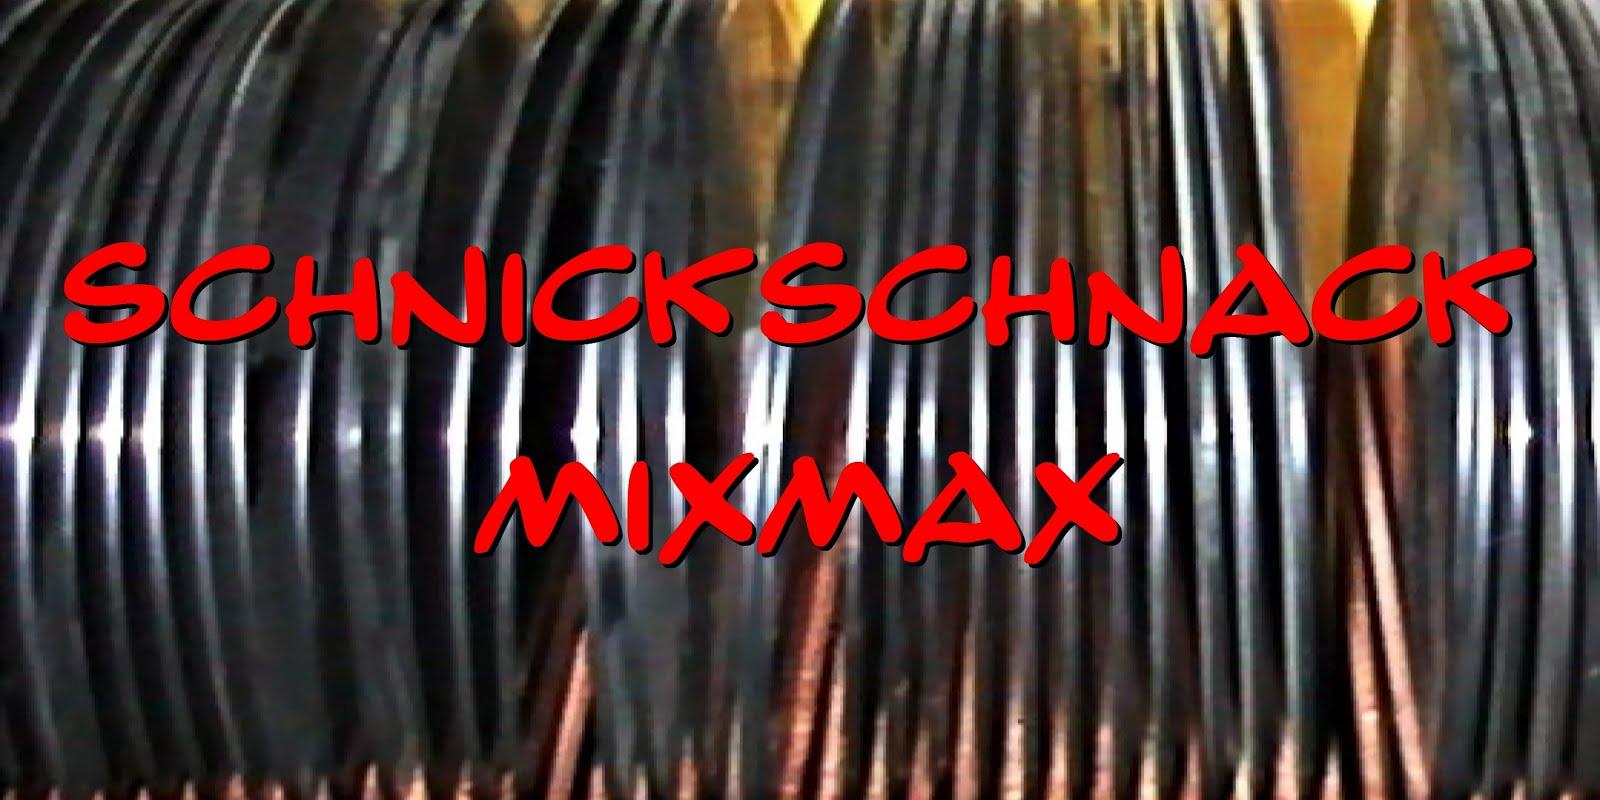 Schnickschnack Mixmax